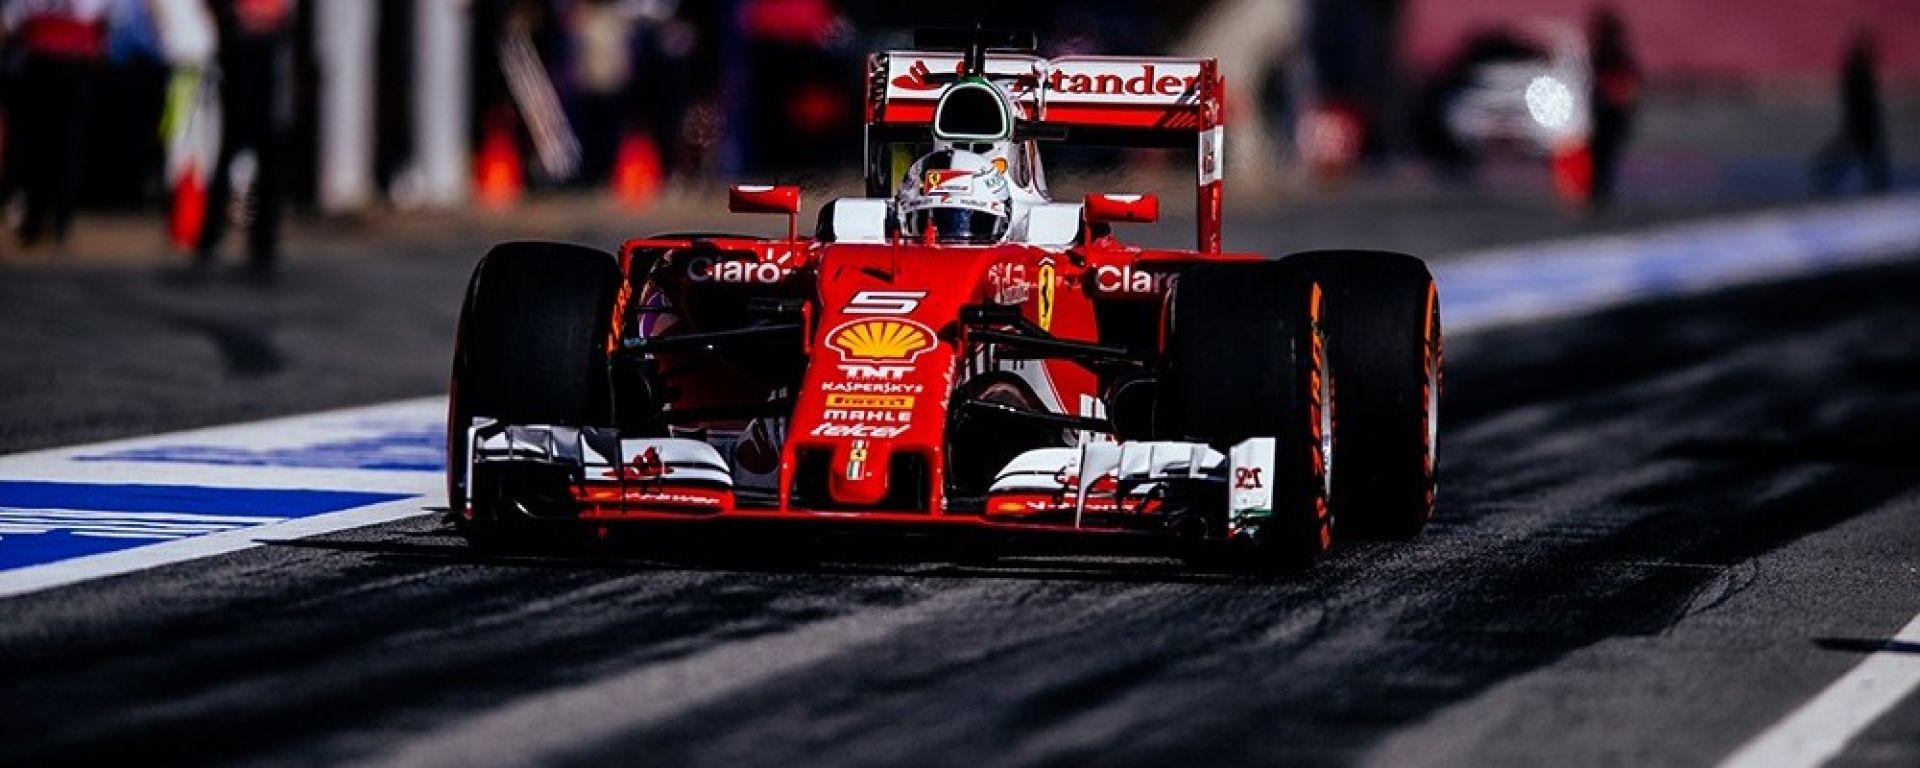 Scuderia Ferrari 2019